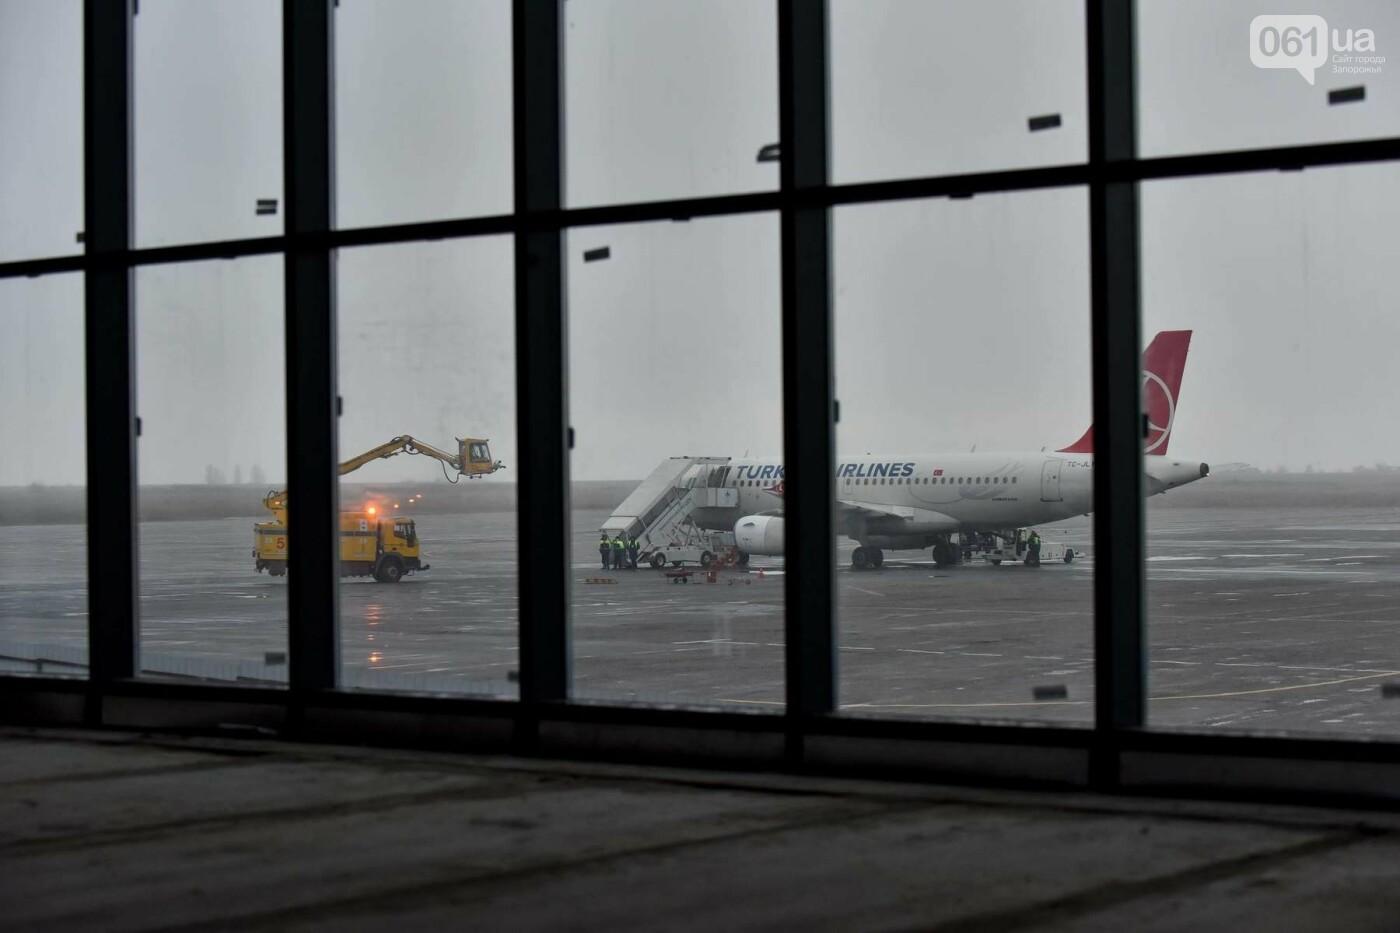 Запорожский аэропорт возьмет кредит на строительство терминала и прогнозирует увеличение пассажиропотока до одного миллиона, — ФОТОРЕПОРТАЖ, фото-10